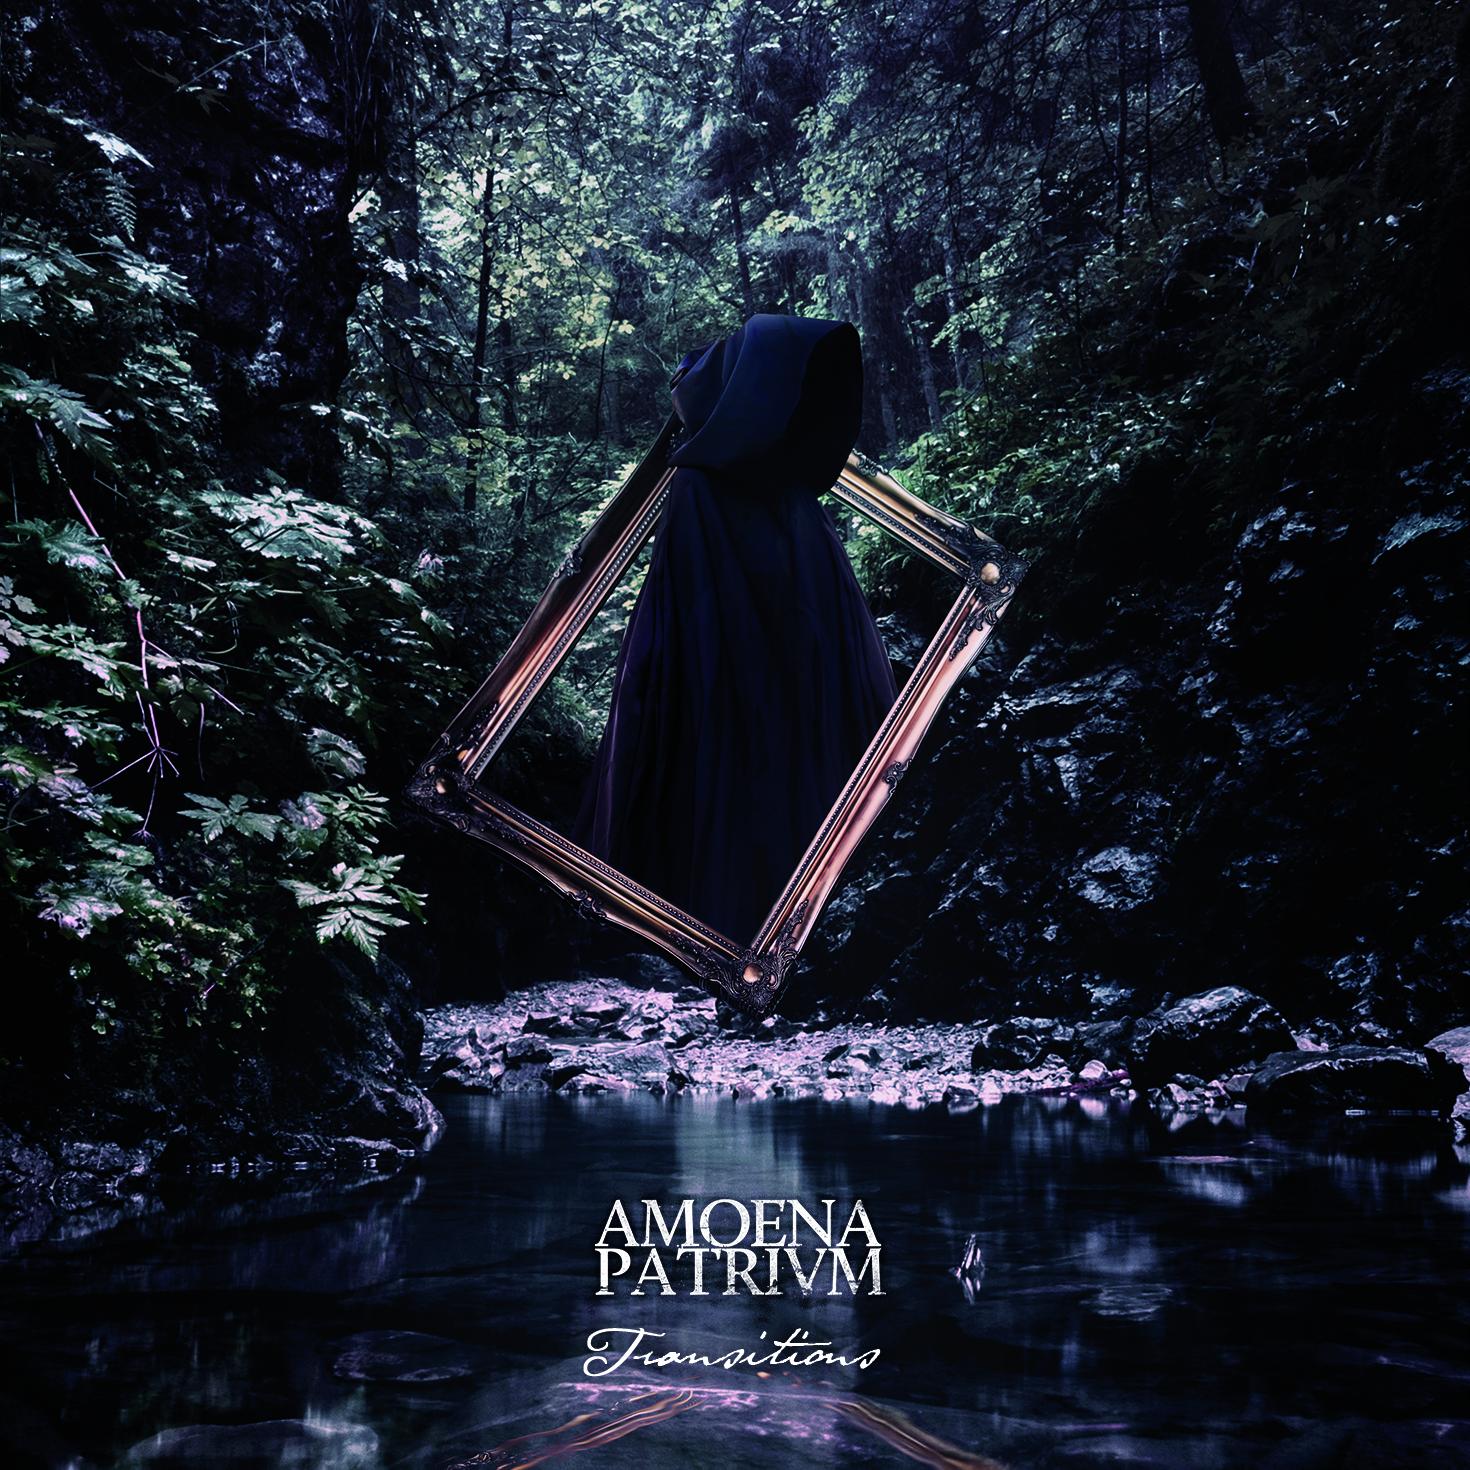 Amoena Patrivm – Transitions